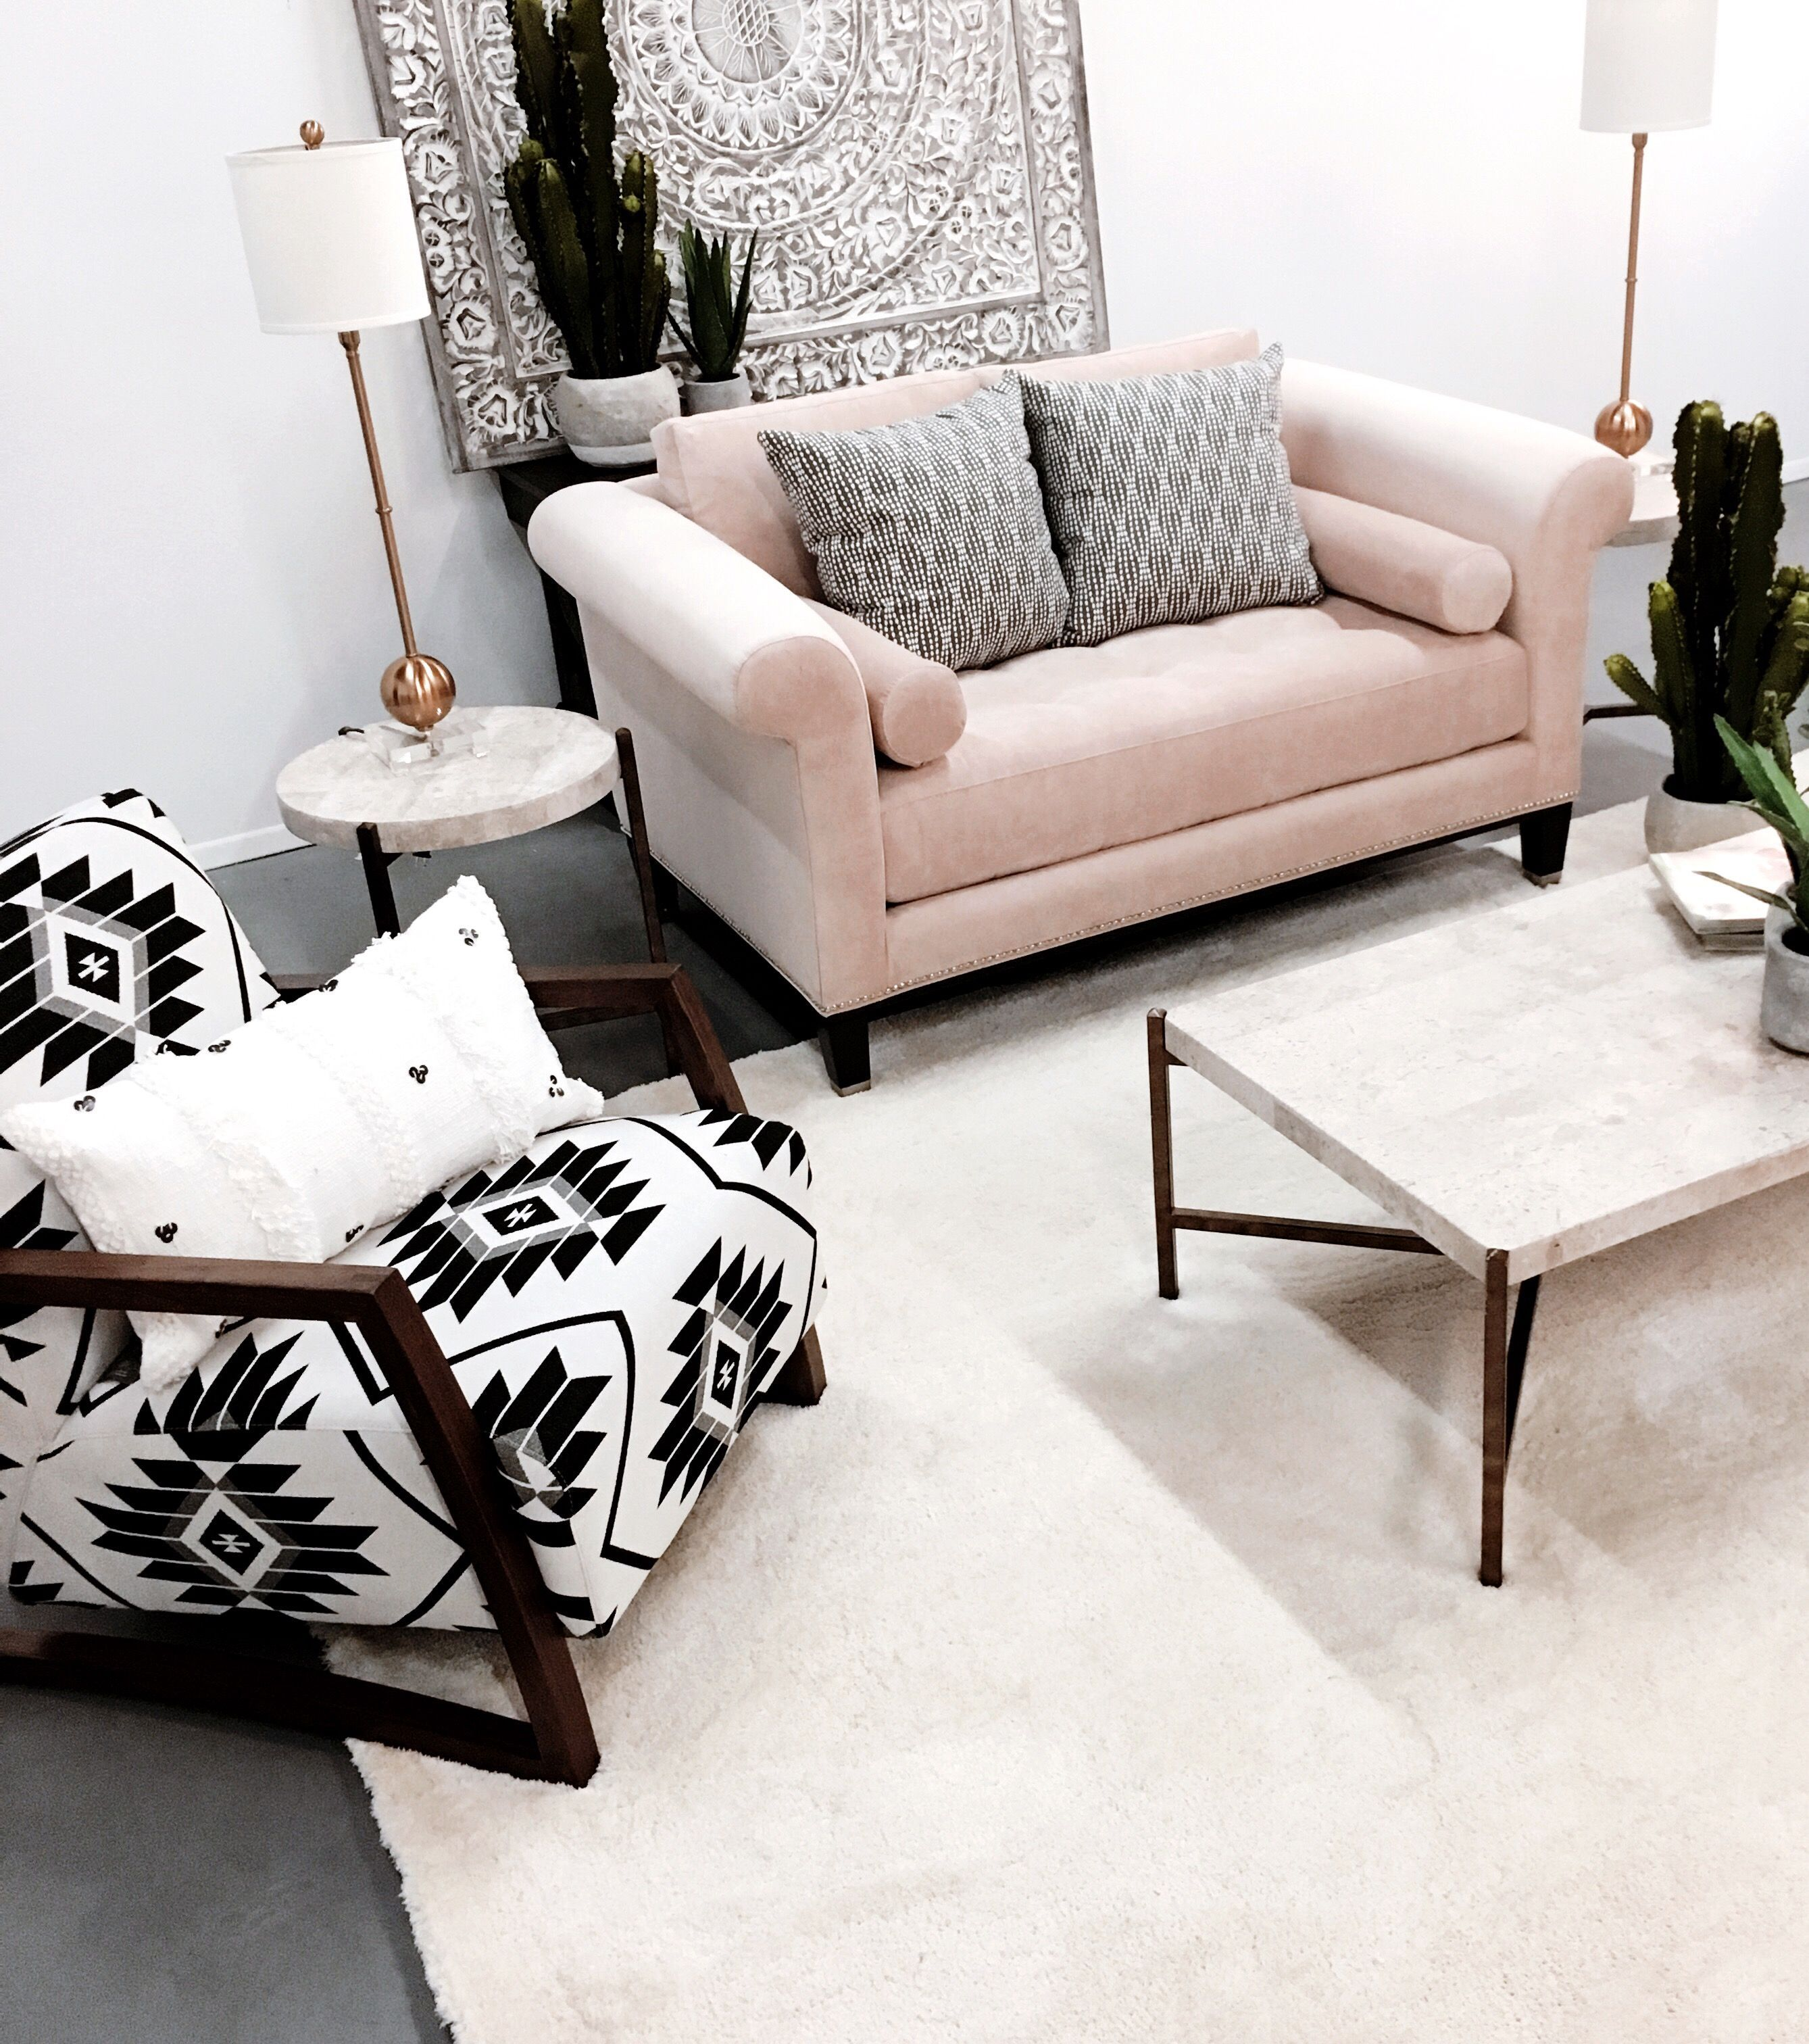 Desert Chic Living Room American Home Pinkcouch Modern Southwest Southwest Decor Living Room American Home Furniture At Home Furniture Store #southwest #living #room #furniture